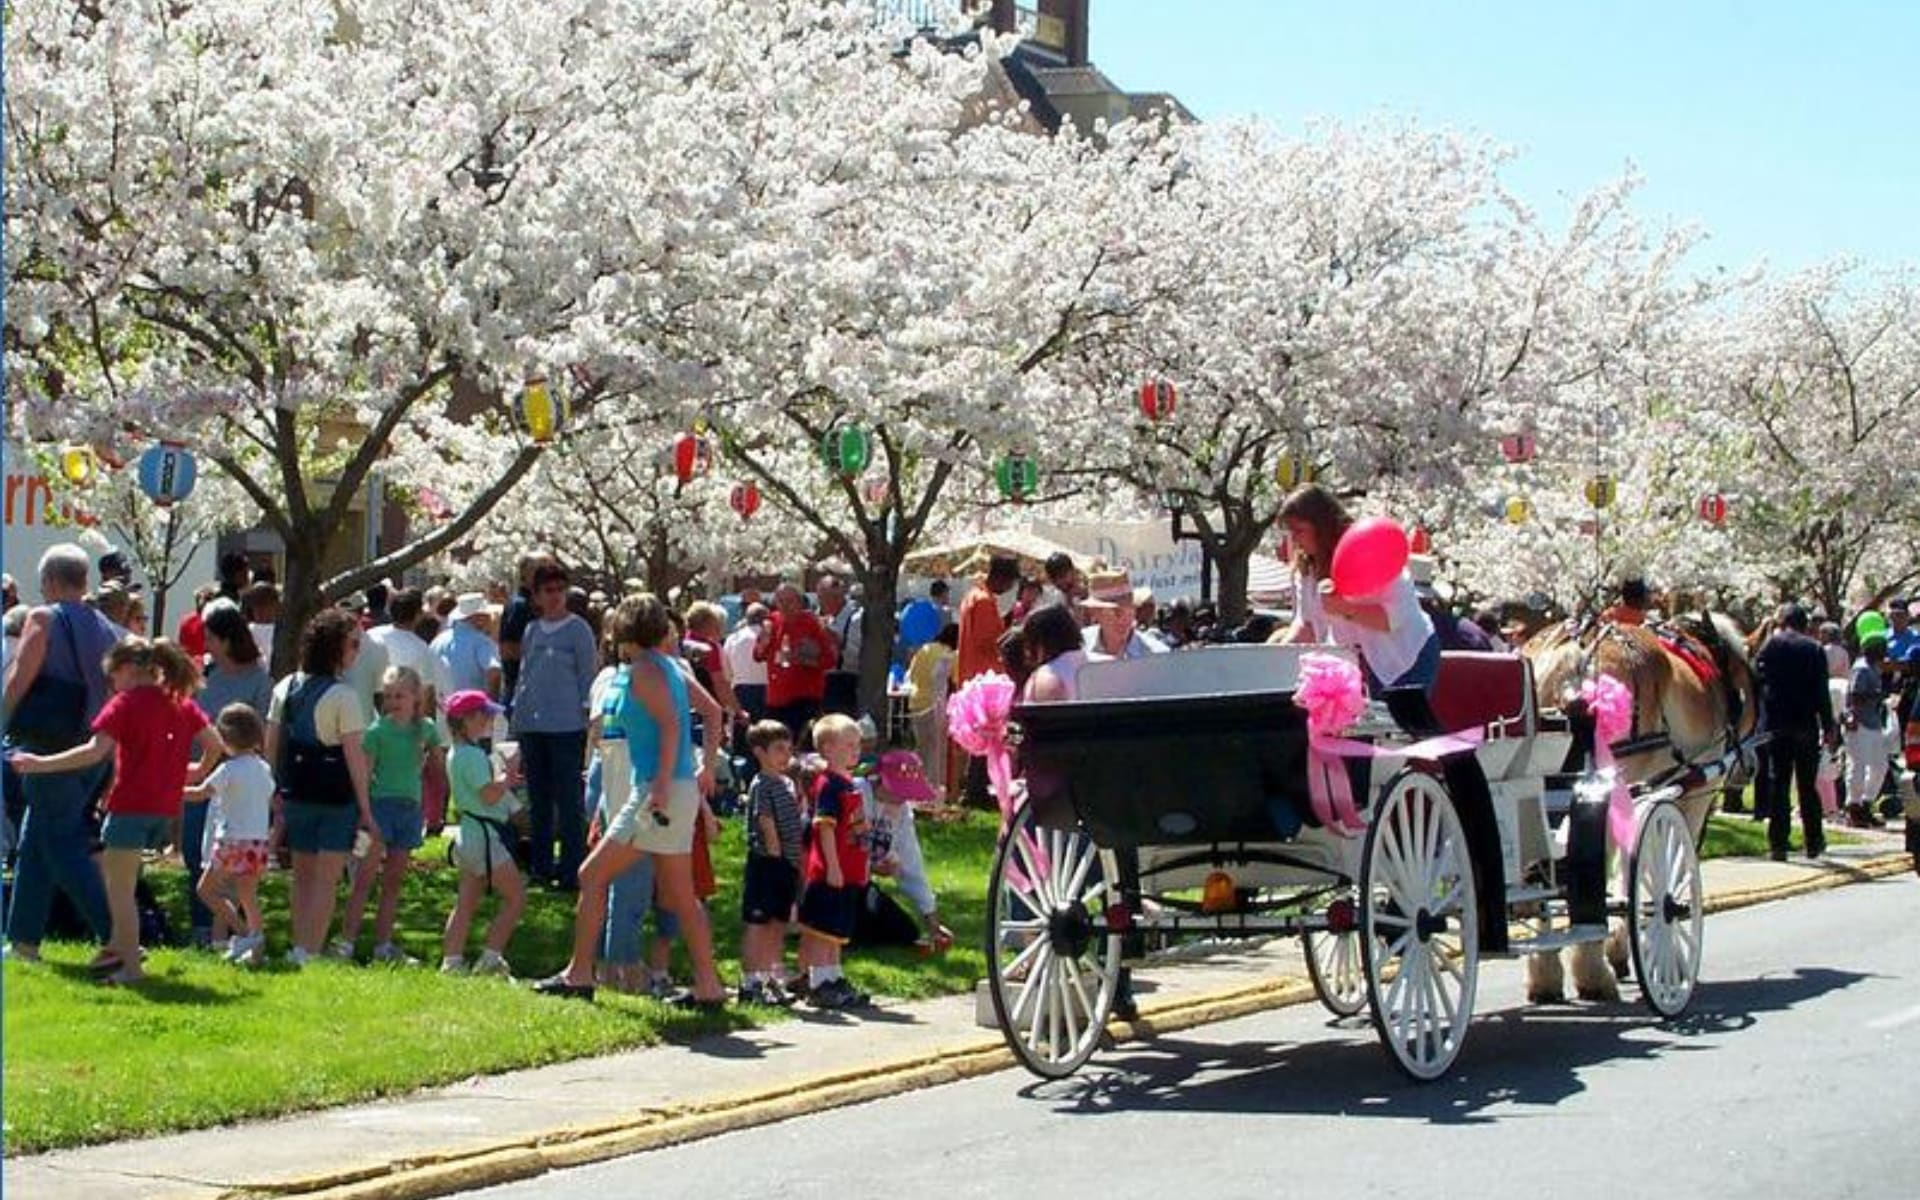 9 Best Ways to See Spring Blooms in Atlanta